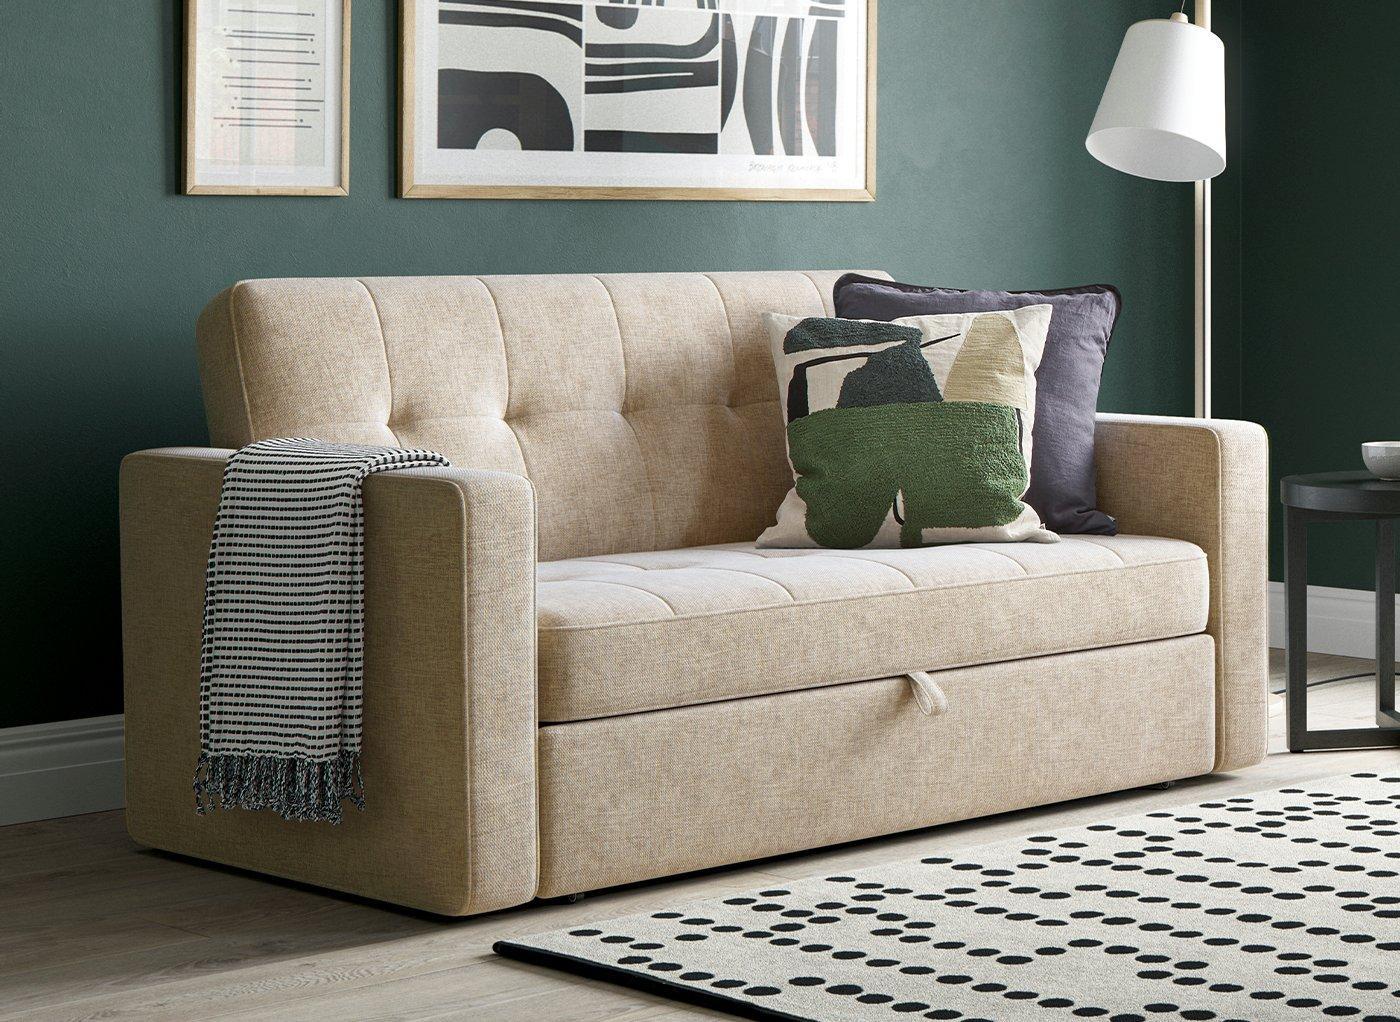 Haze 2 Seater Sofa Bed (£699)